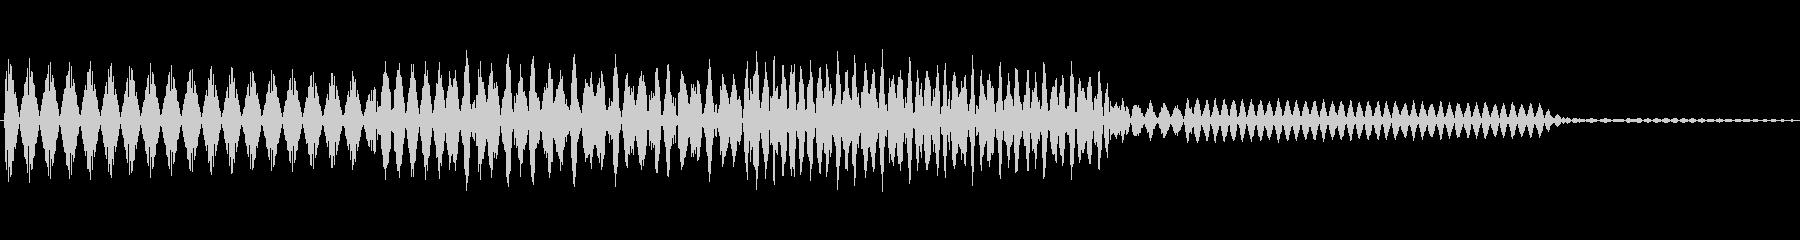 ボタン決定音システム選択タッチ登録C12の未再生の波形